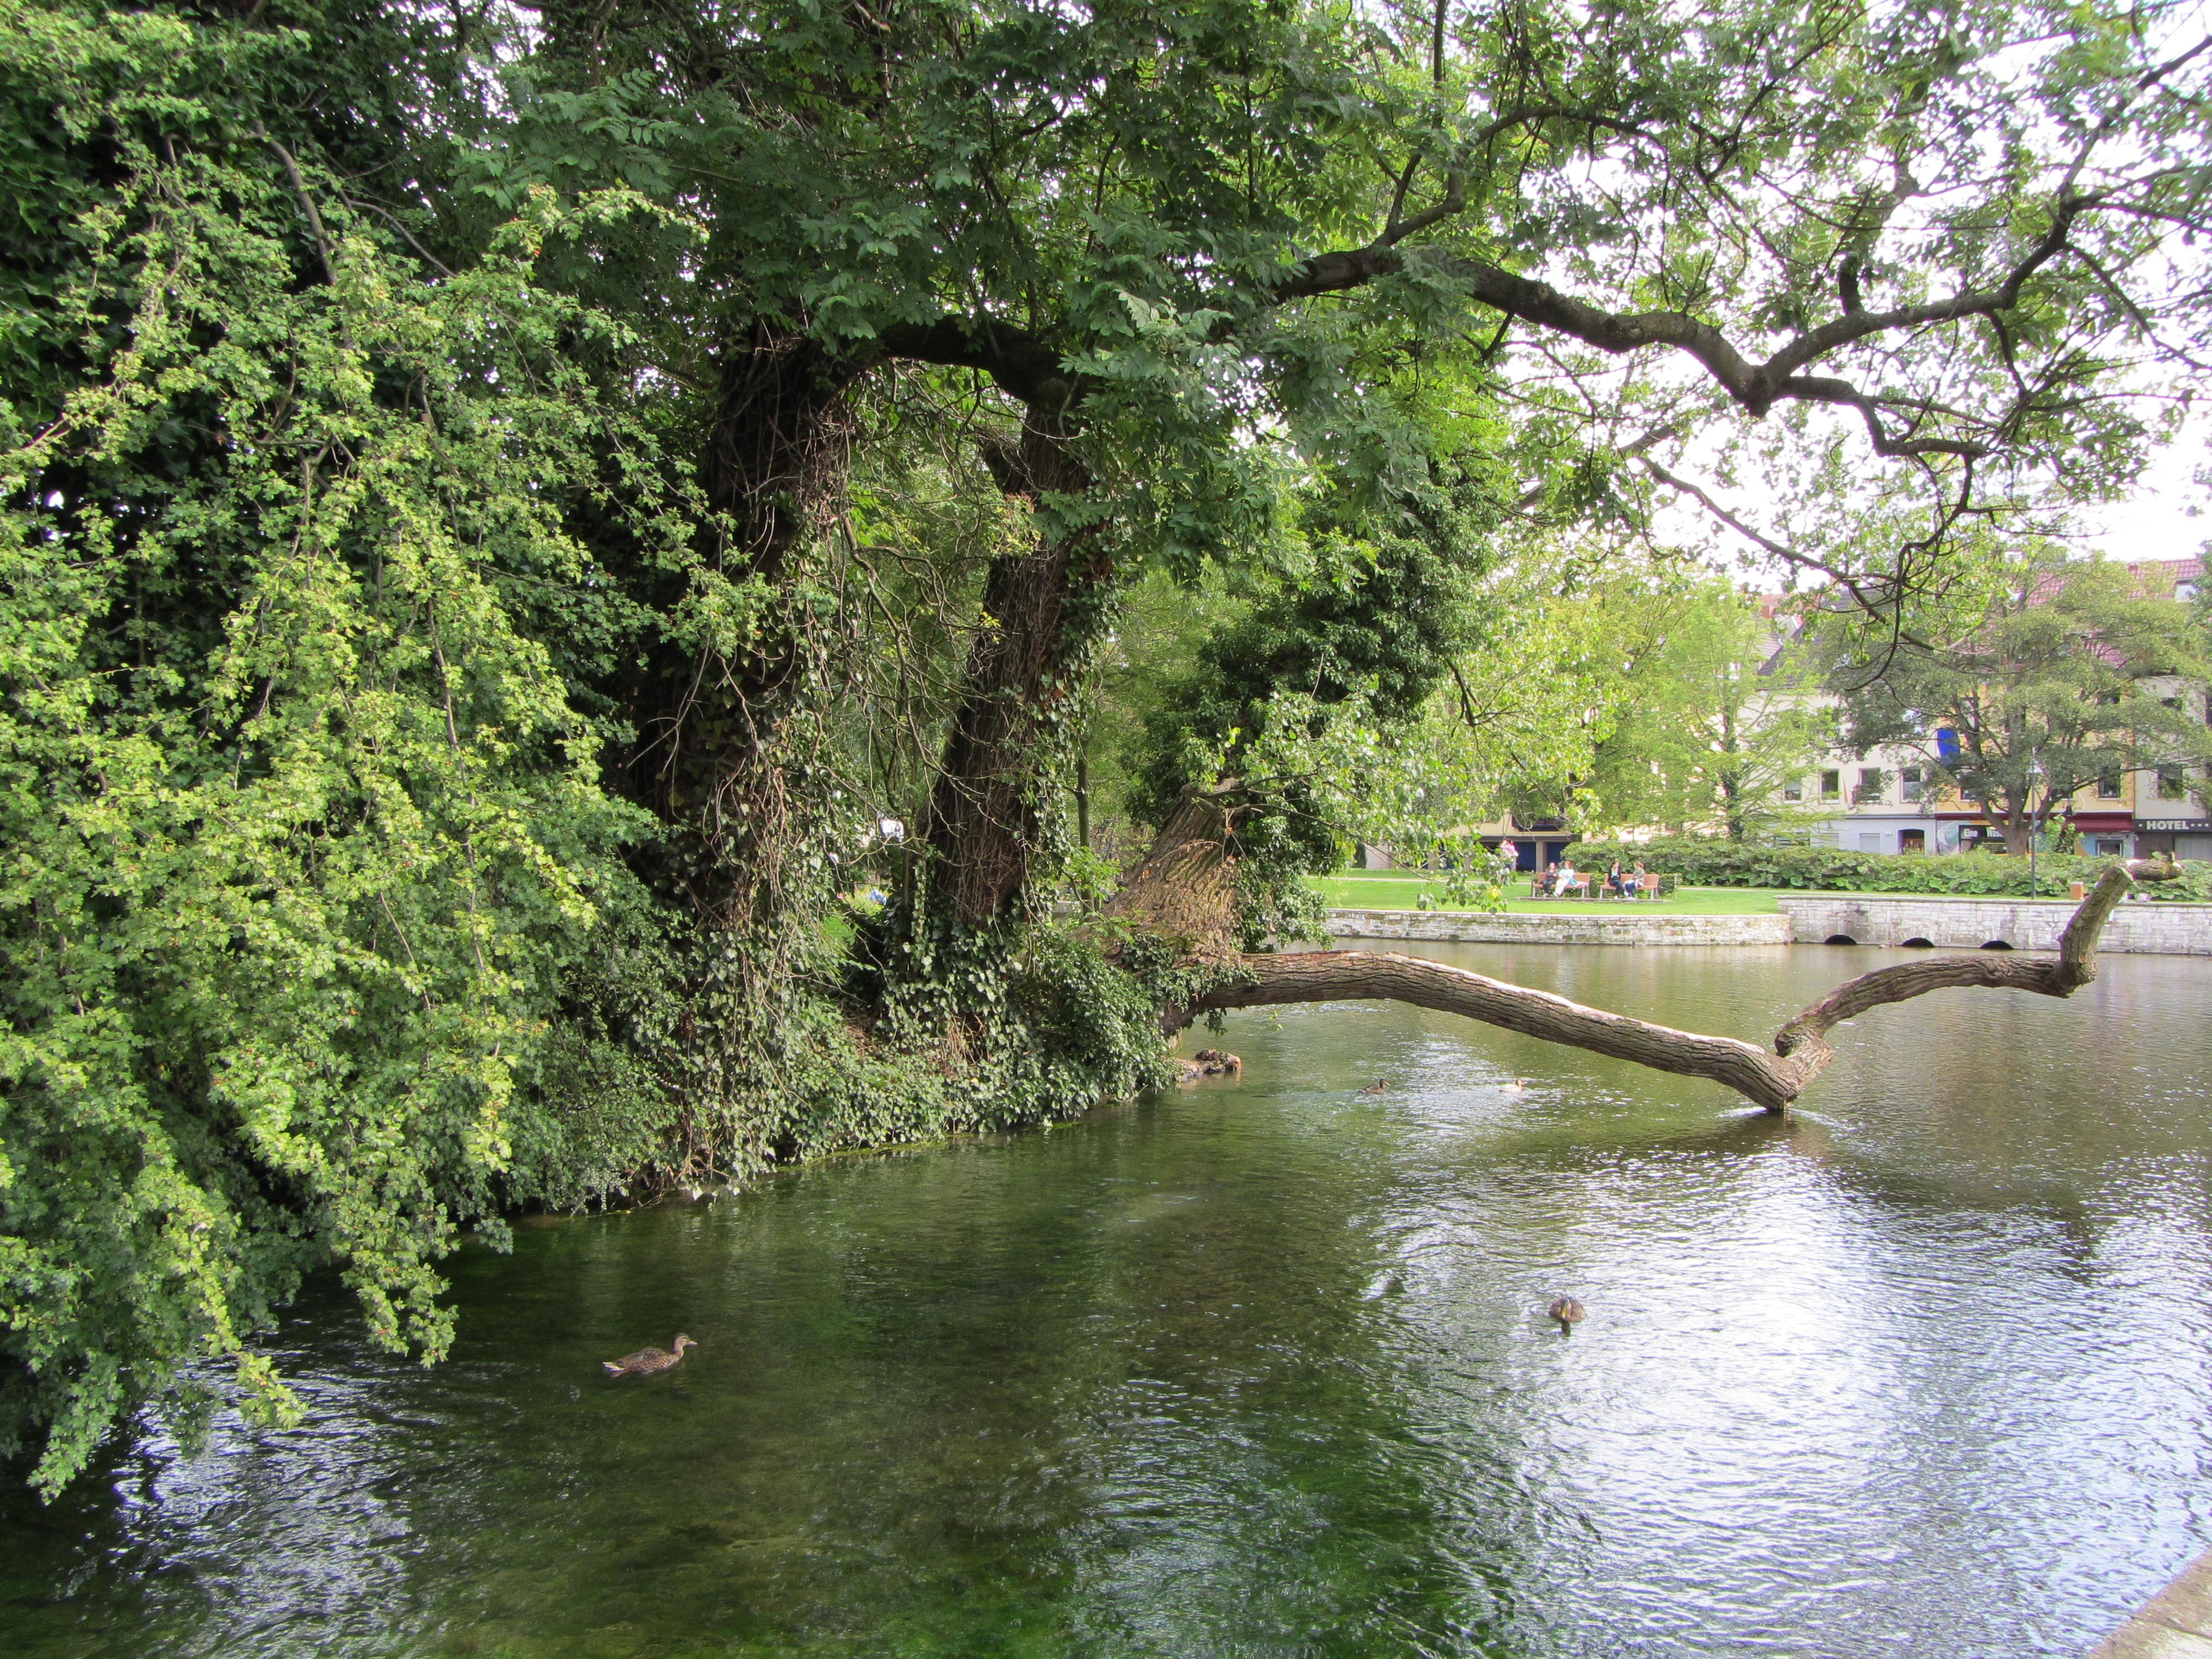 Wasserski fahren Paderborn Elsen - Tipp für Hotelgäste und Urlauber